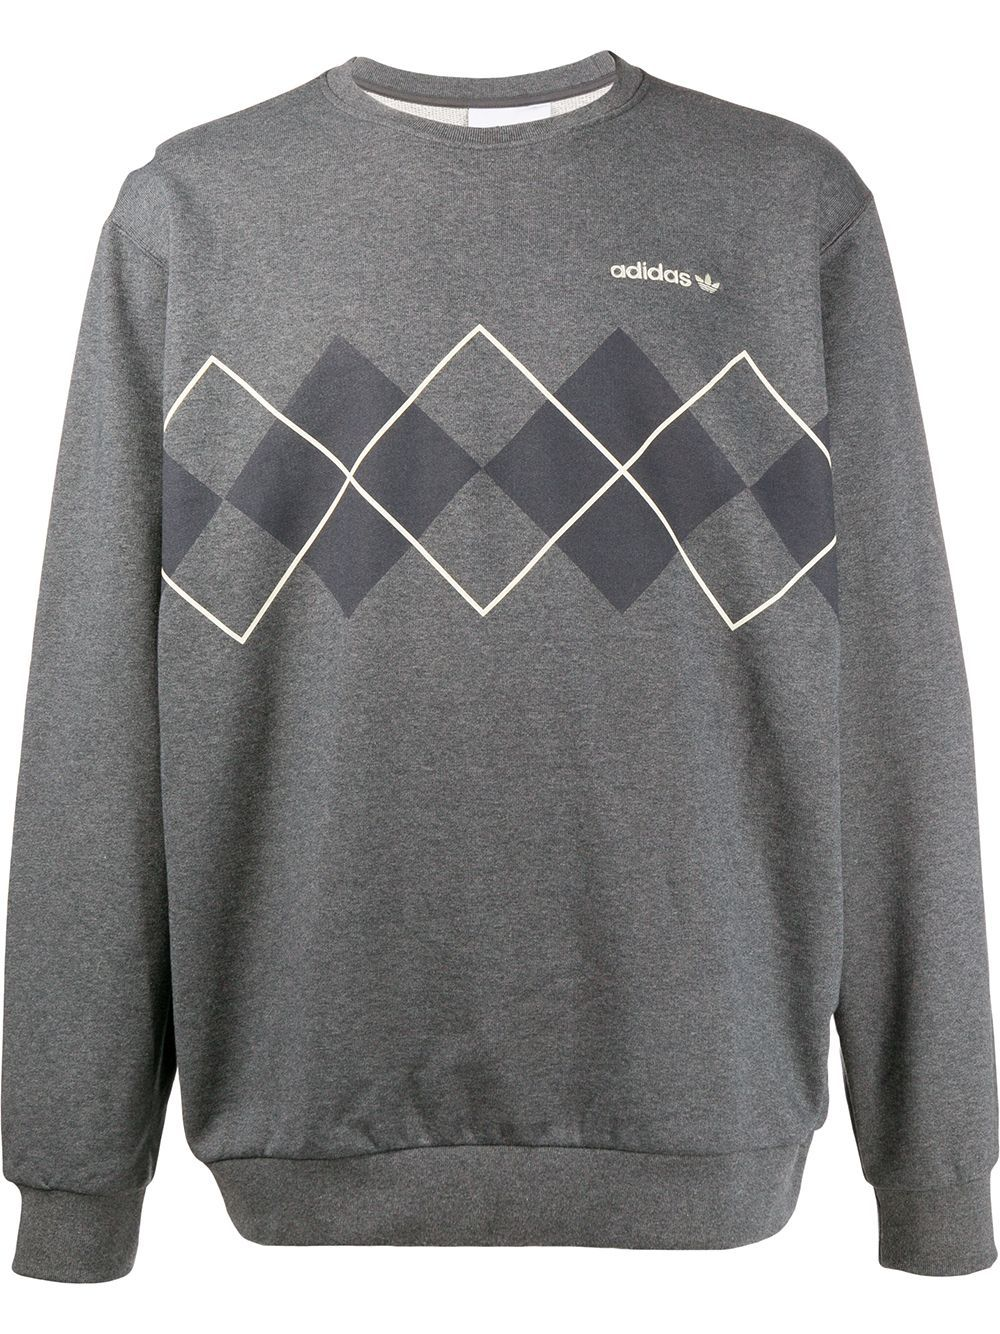 Adidas Argyle Print Sweatshirt Farfetch Sweatshirts Printed Sweatshirts Grey Sweatshirt [ 1334 x 1000 Pixel ]